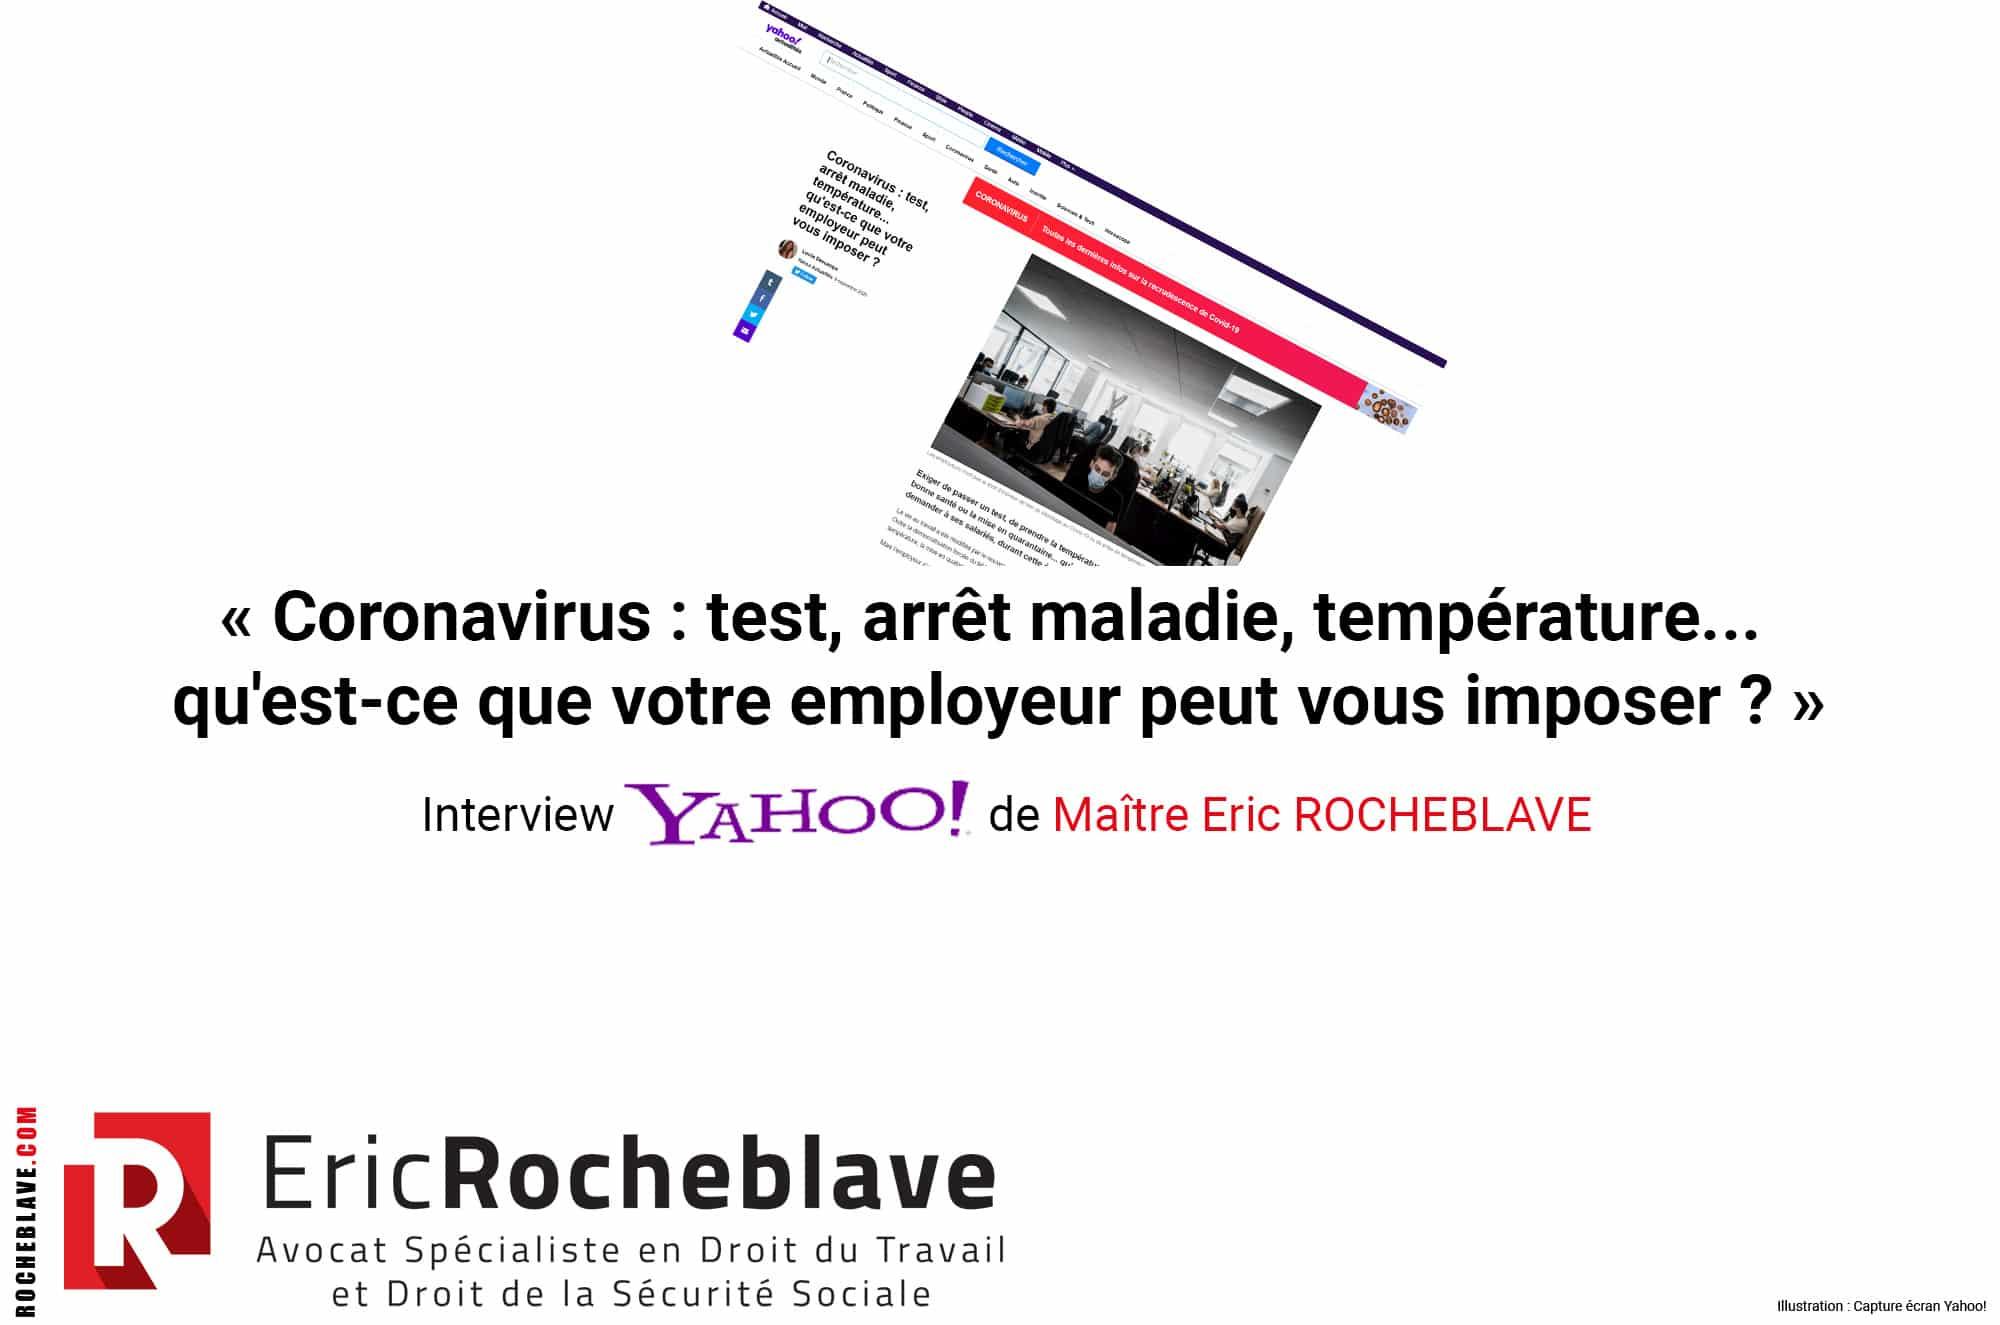 « Coronavirus : test, arrêt maladie, température... qu'est-ce que votre employeur peut vous imposer ? » Interview Yahoo! de Maître Eric ROCHEBLAVE